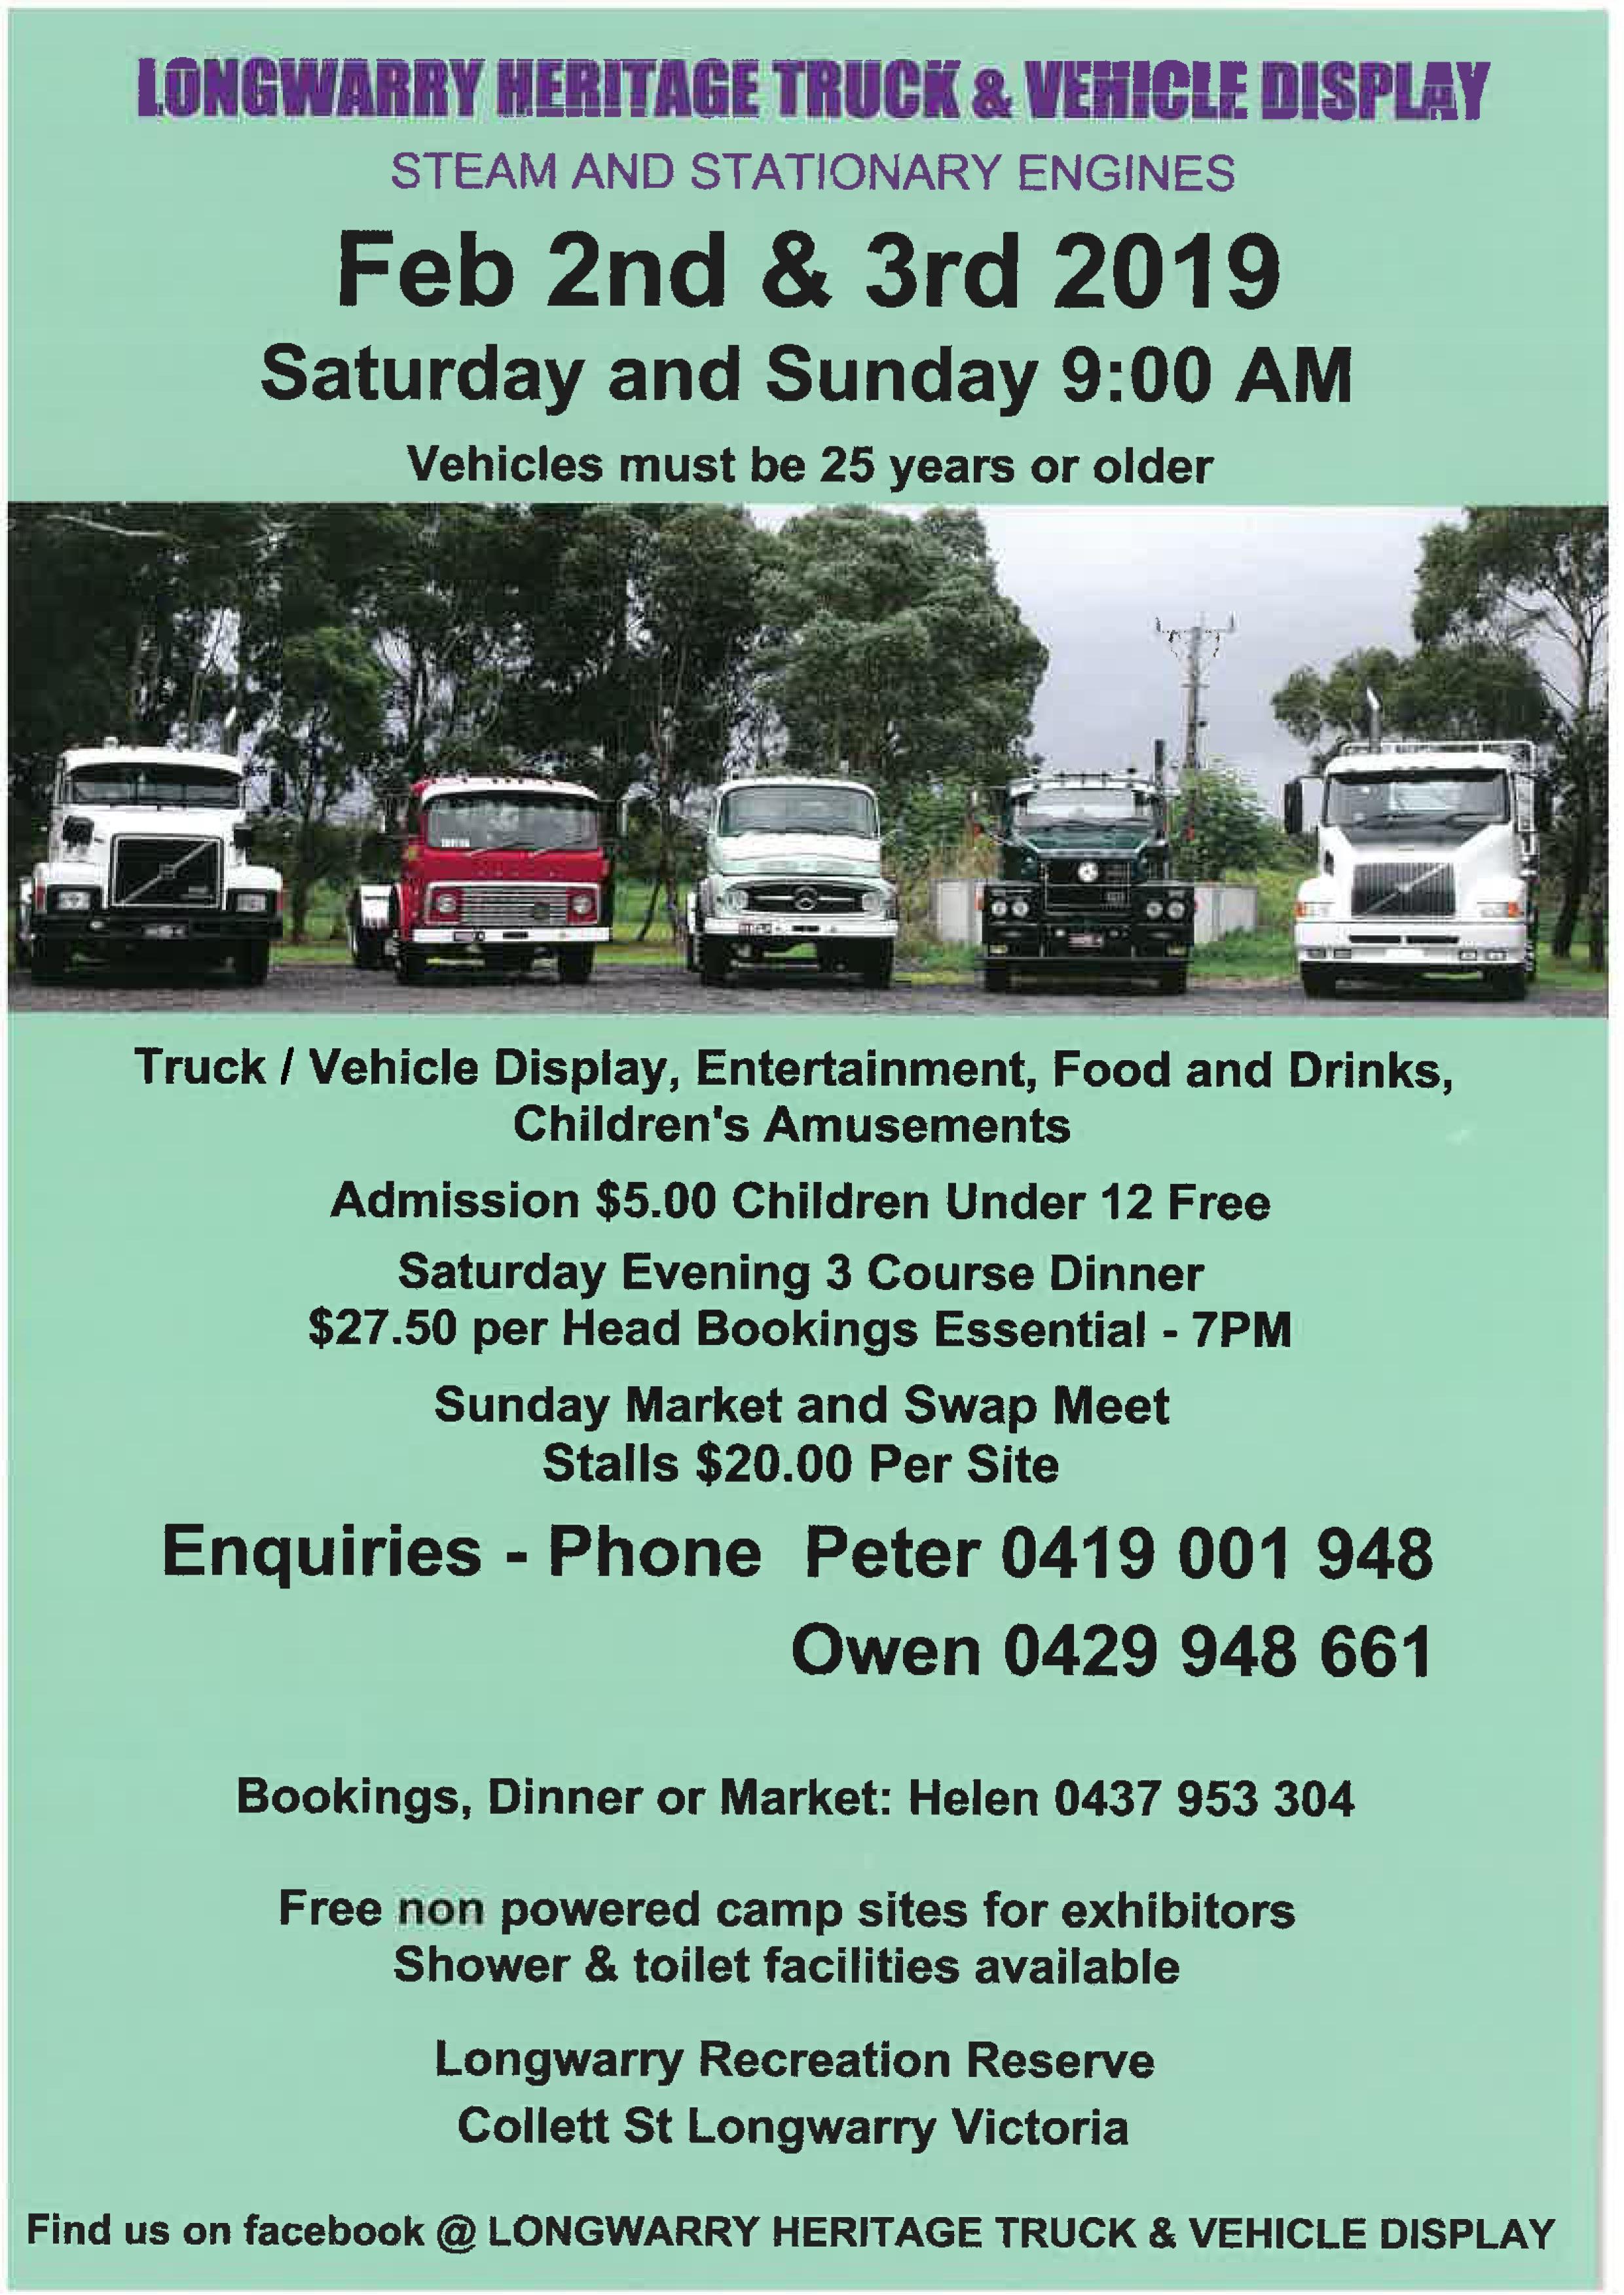 Langwarry Hert Truck & Veh Show.jpg